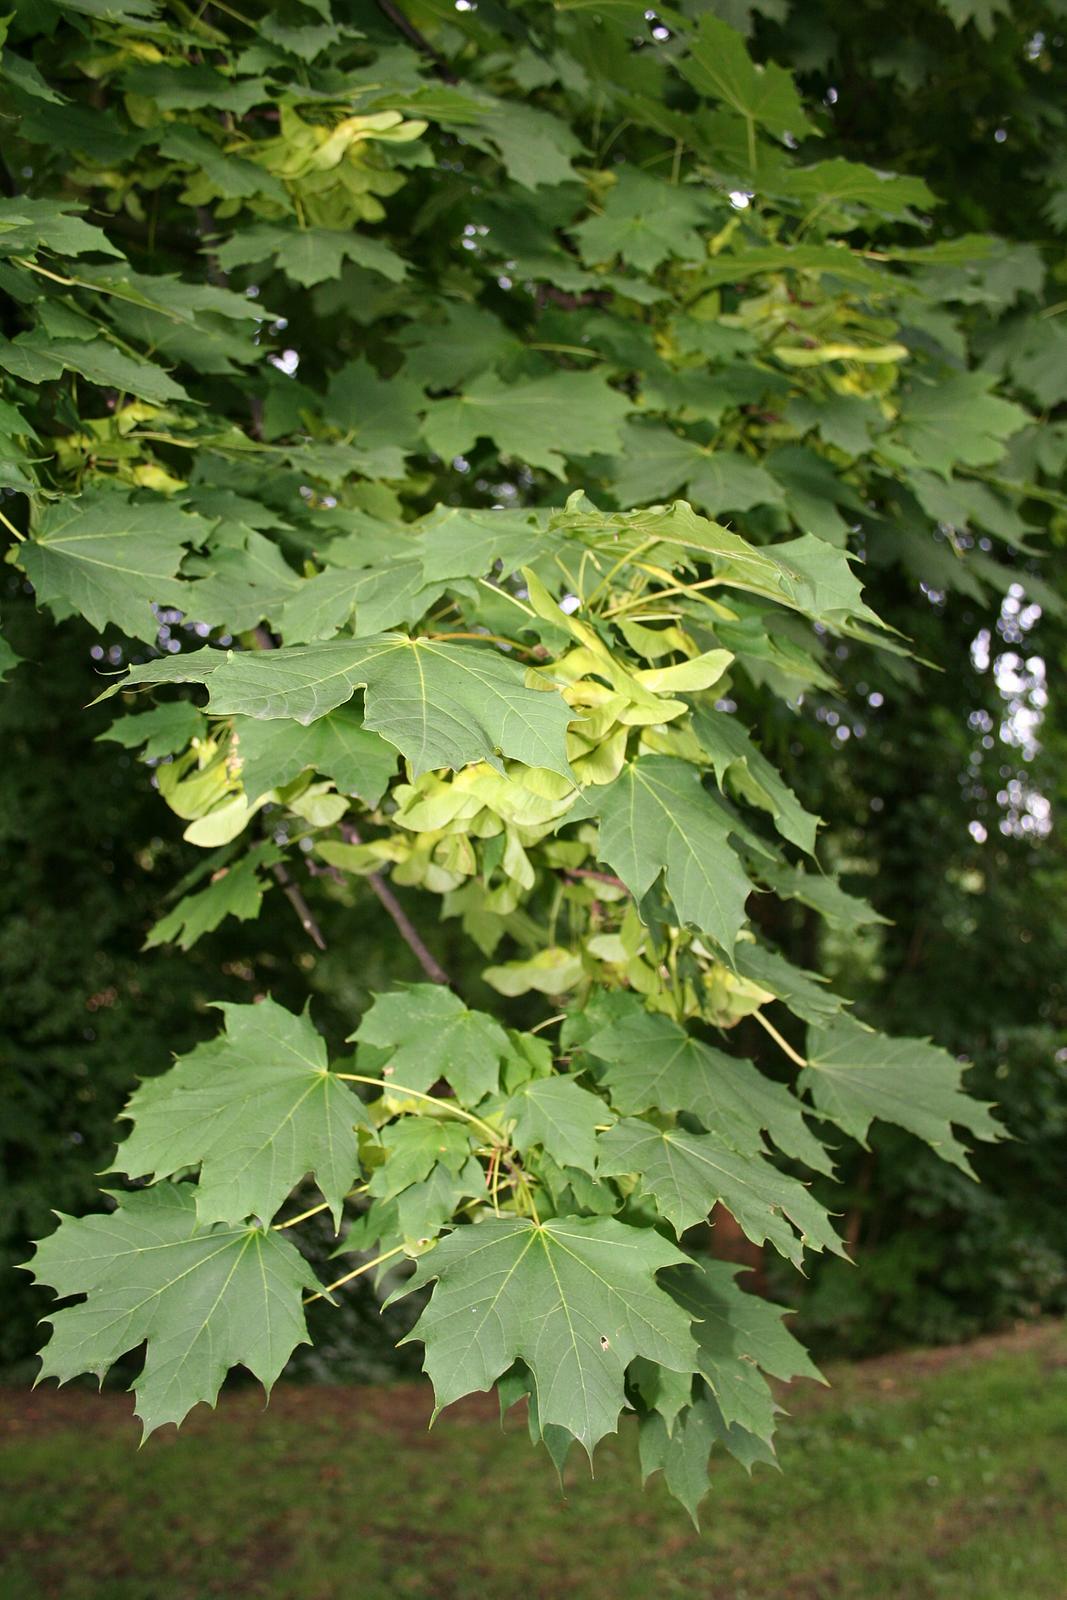 Zdjęcie liści oraz owoców klonu. Liście mają kształt dłoni, mają szerokie wcięcia. Owoc klonu ma postać skrzydełka.